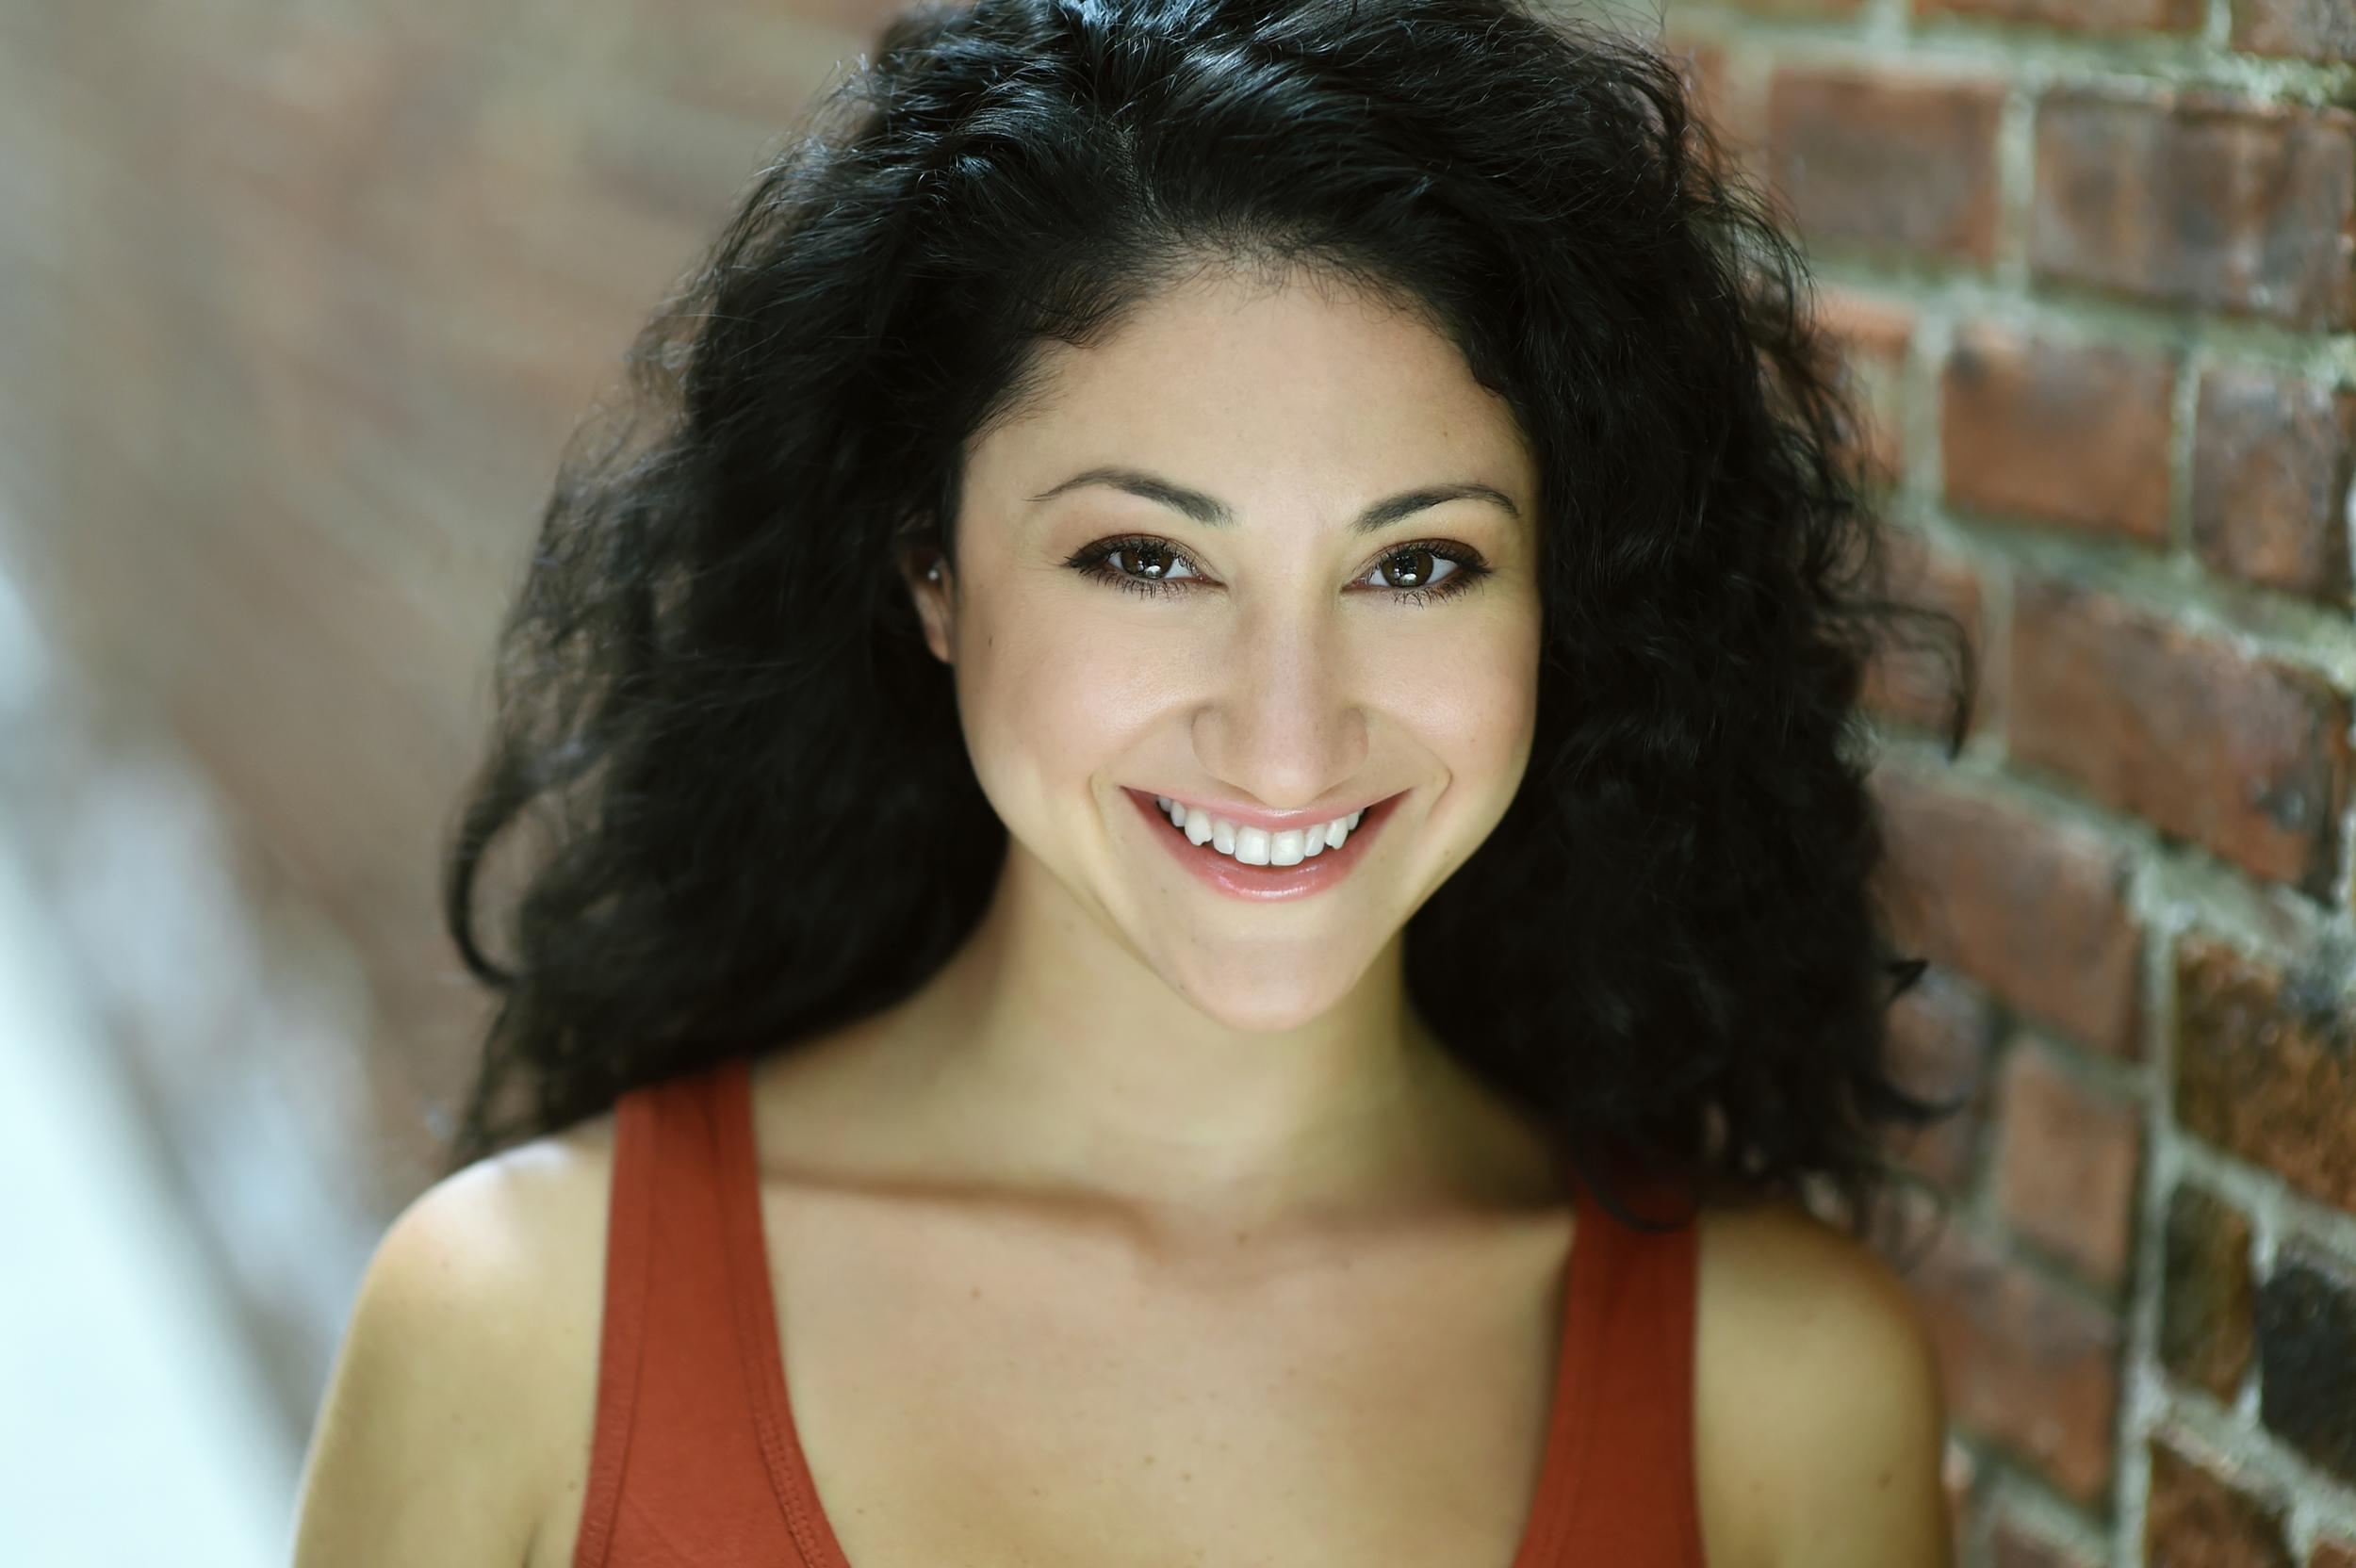 Stephanie Iscovitz